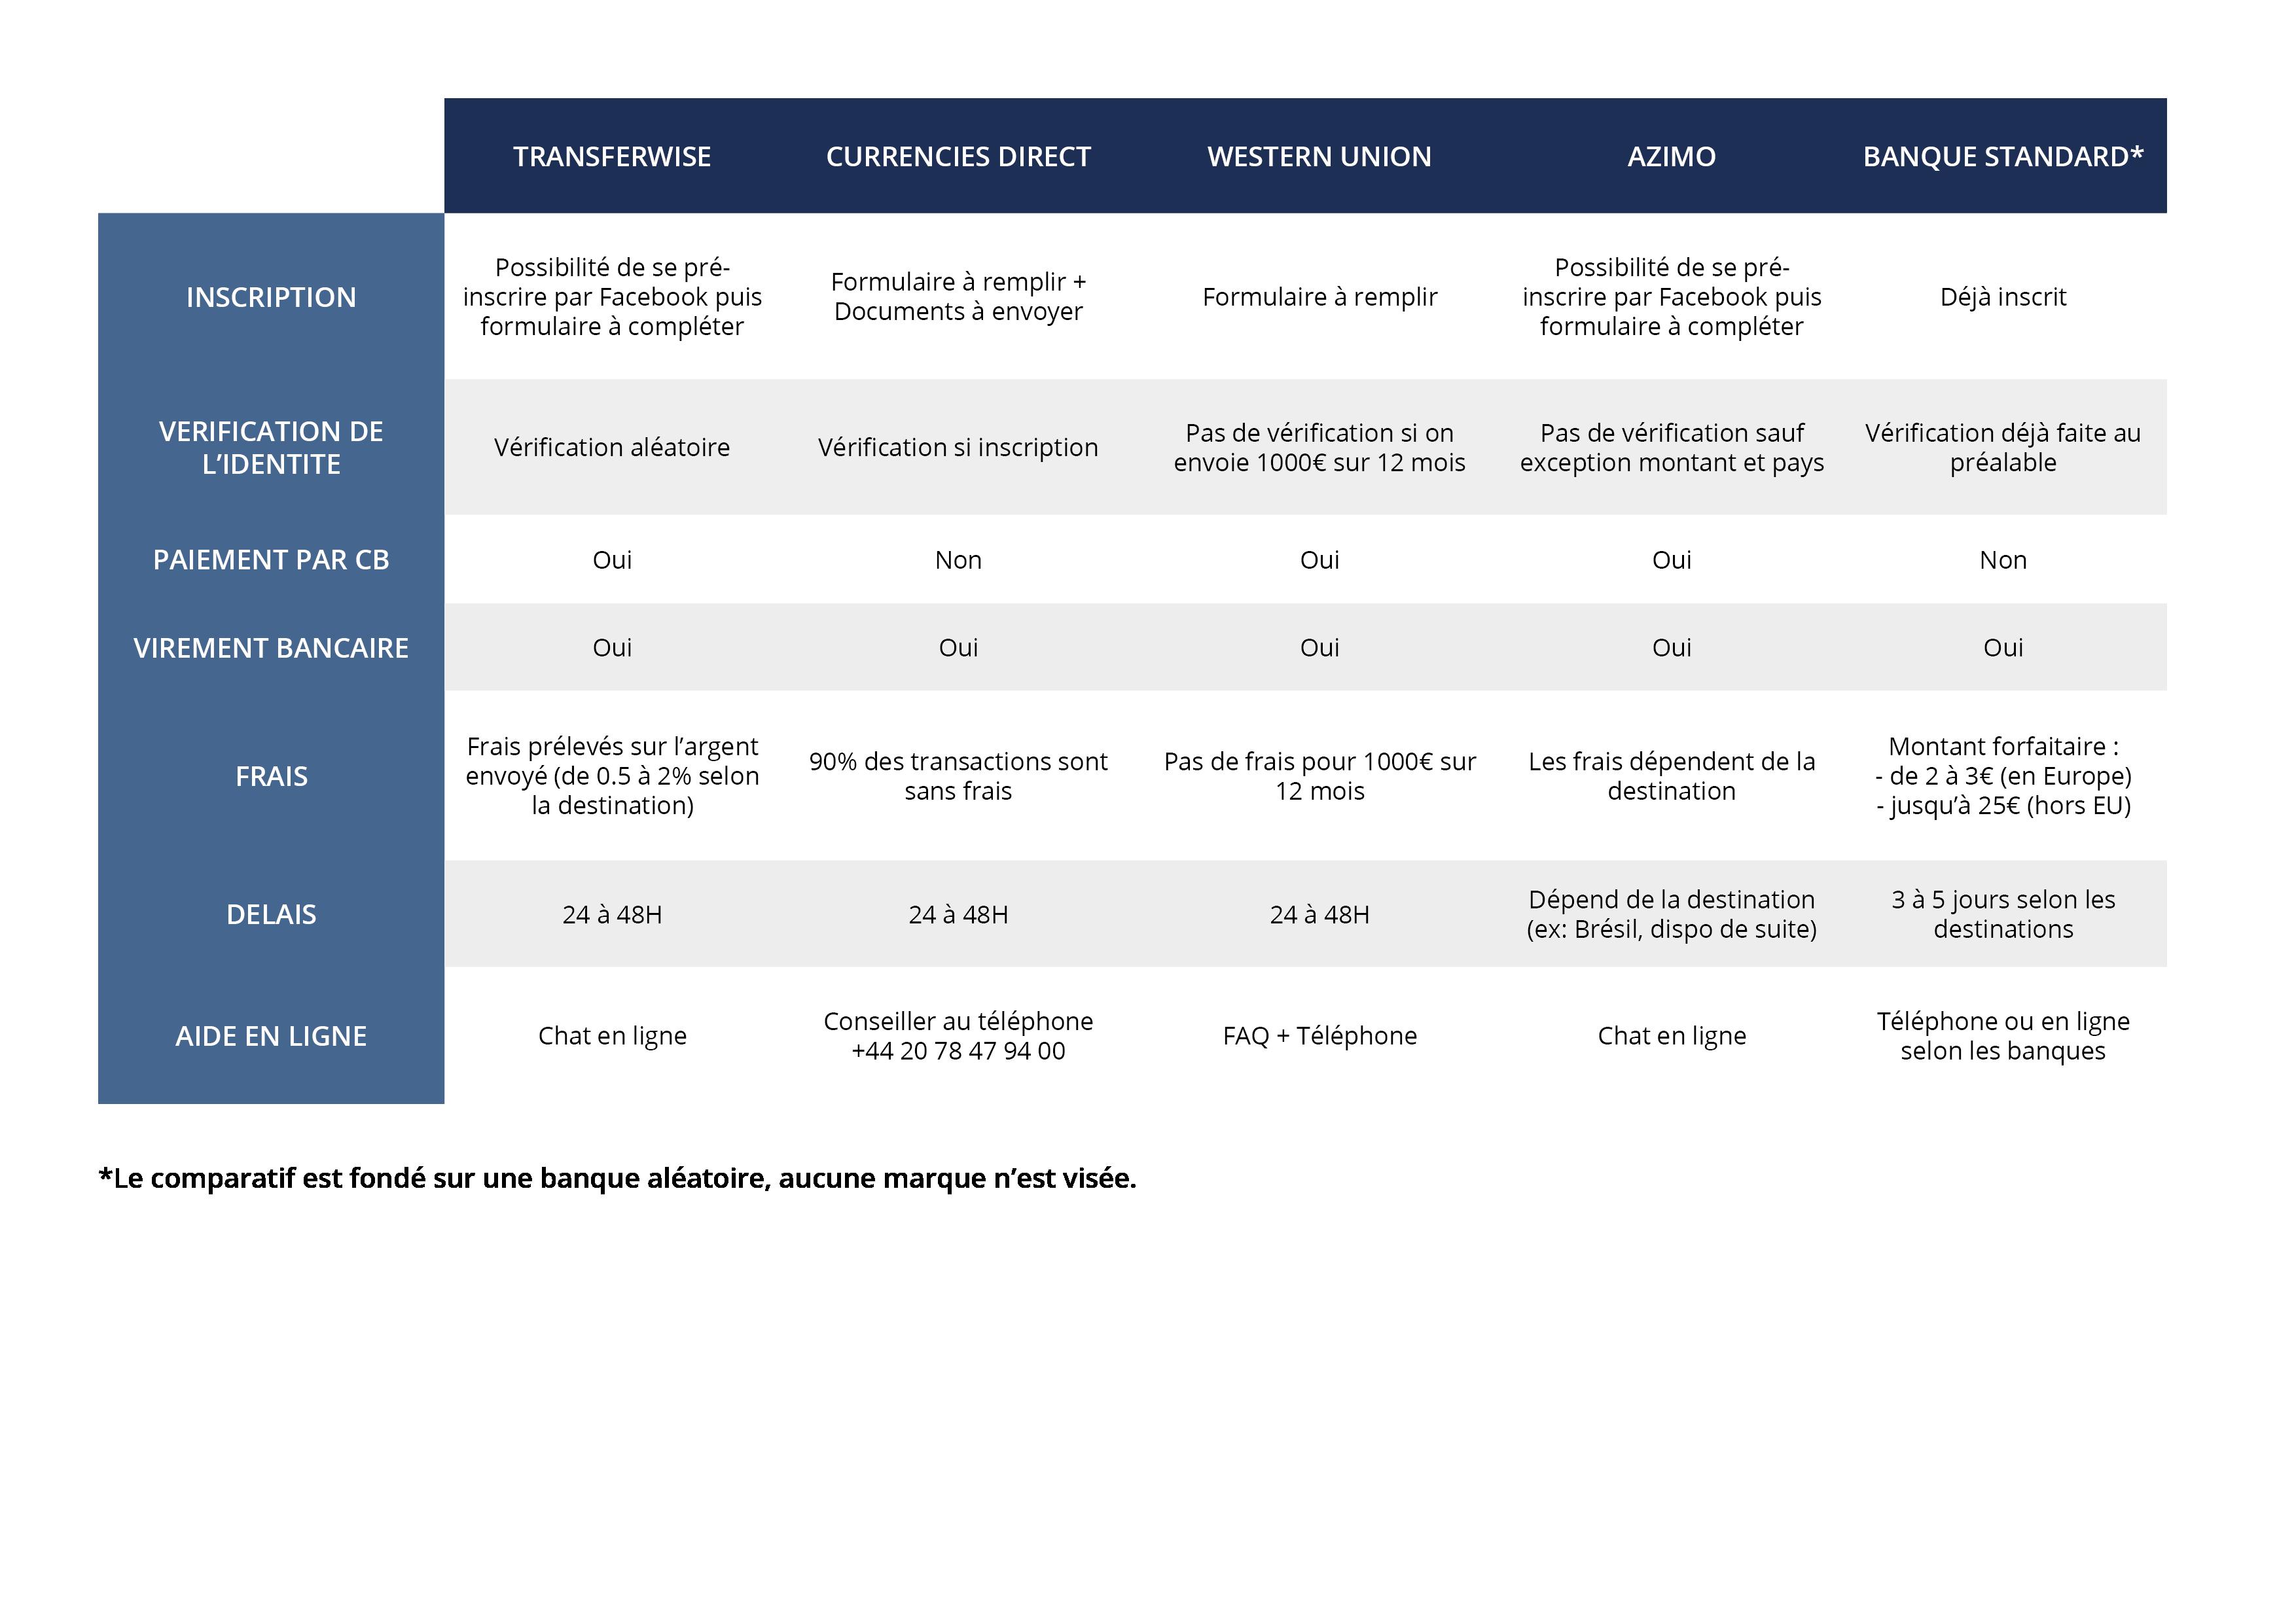 tableau comparatif transfert d'argent